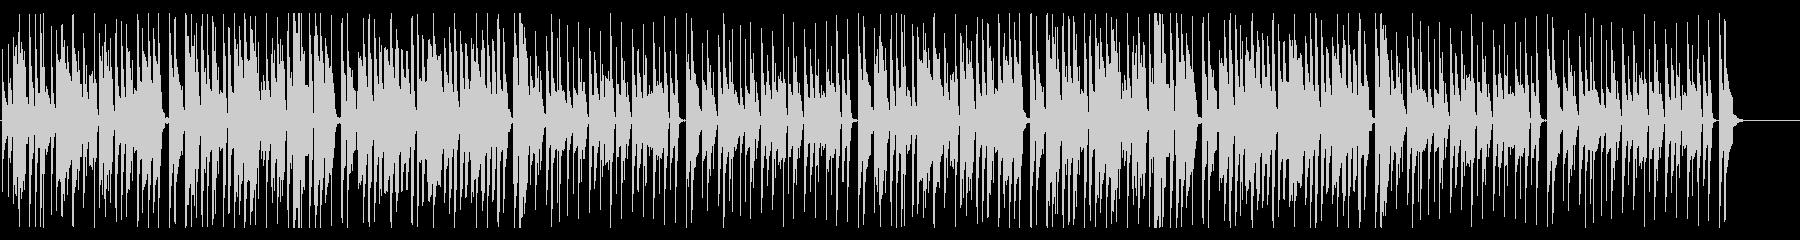 ハプニング ドタバタ コミカル ポップの未再生の波形